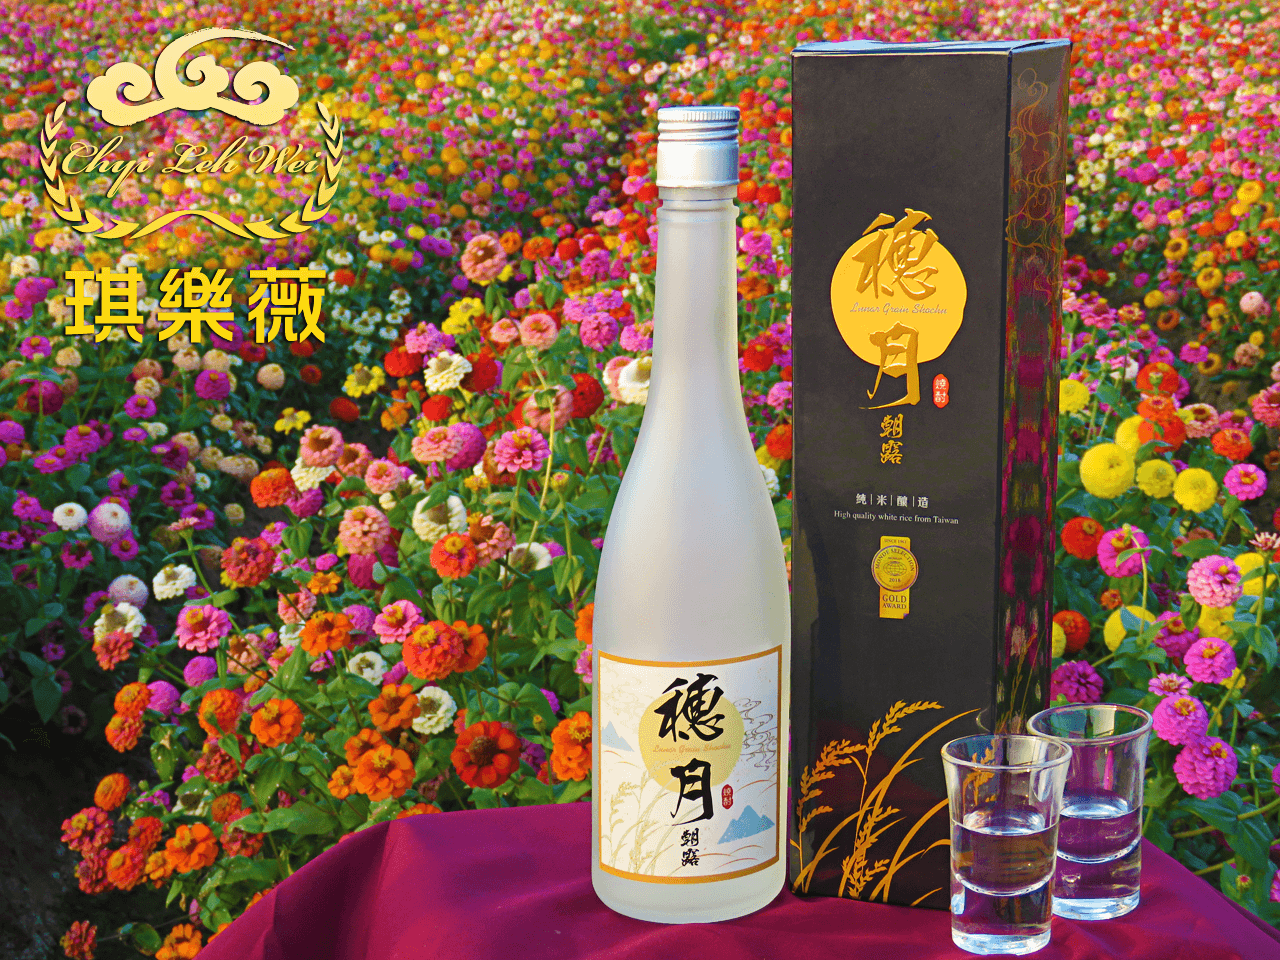 穗月朝露38度純米燒酎 高粱酒